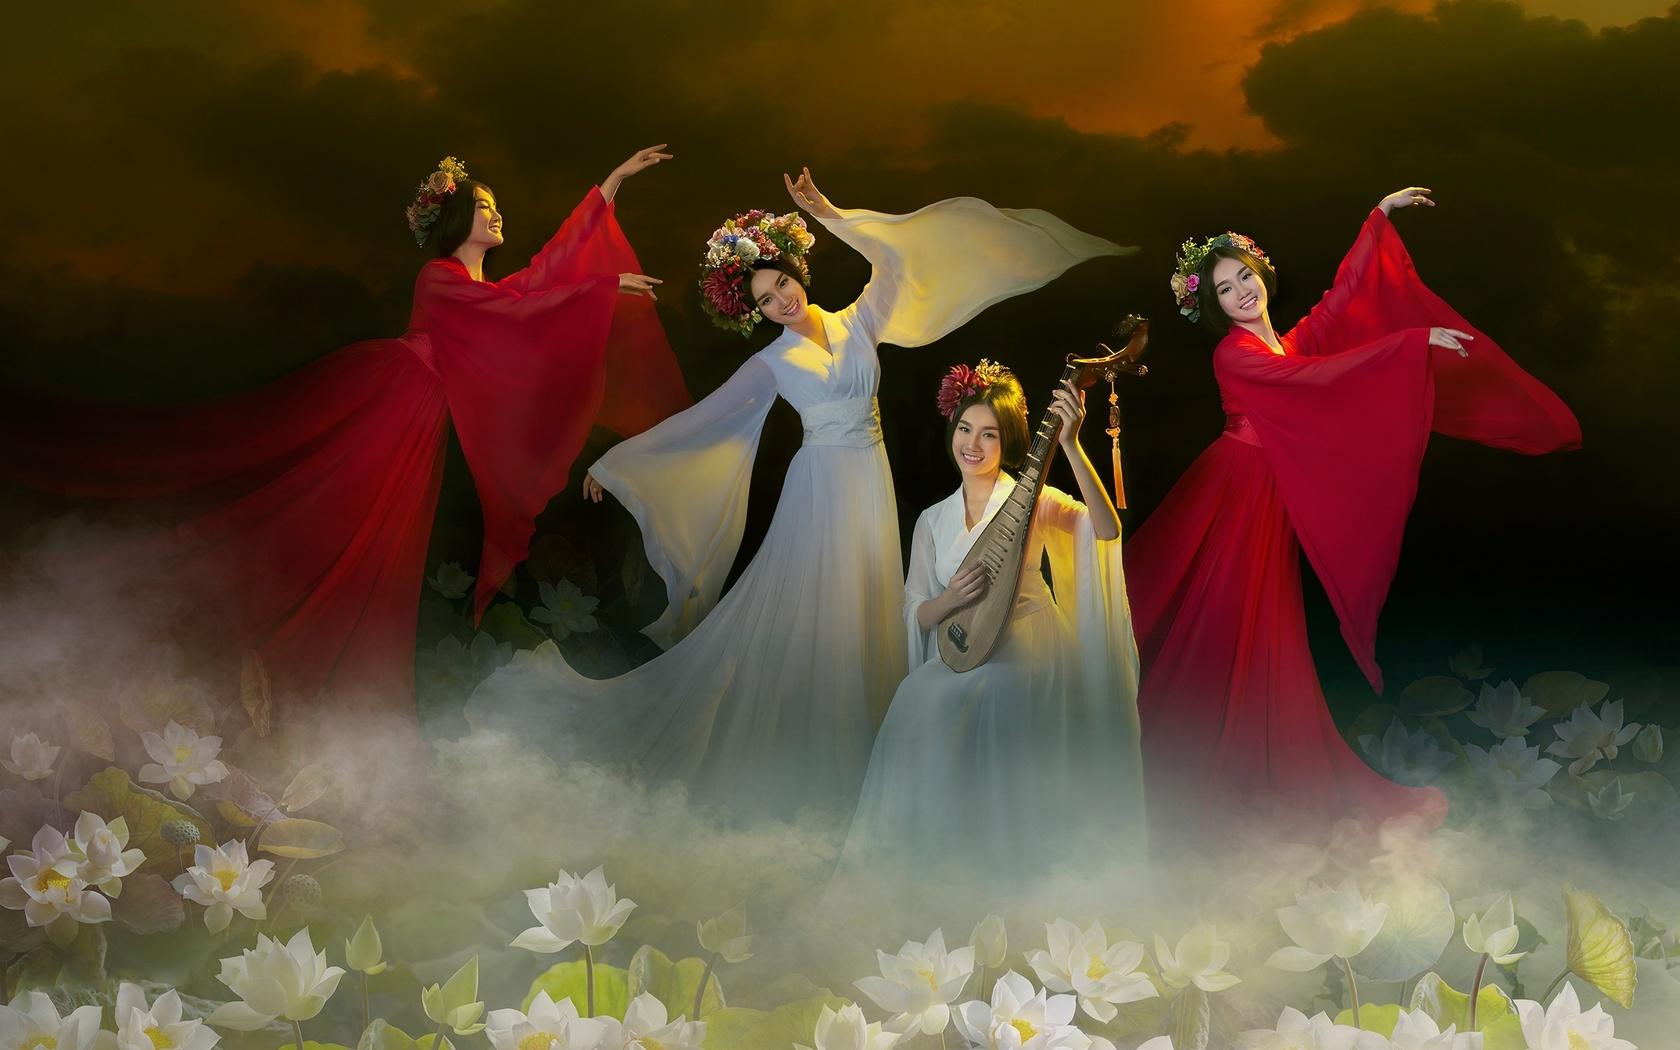 девушки, азиатки, платья, танцы, музыка, природа, цветы, лотосы, квартет